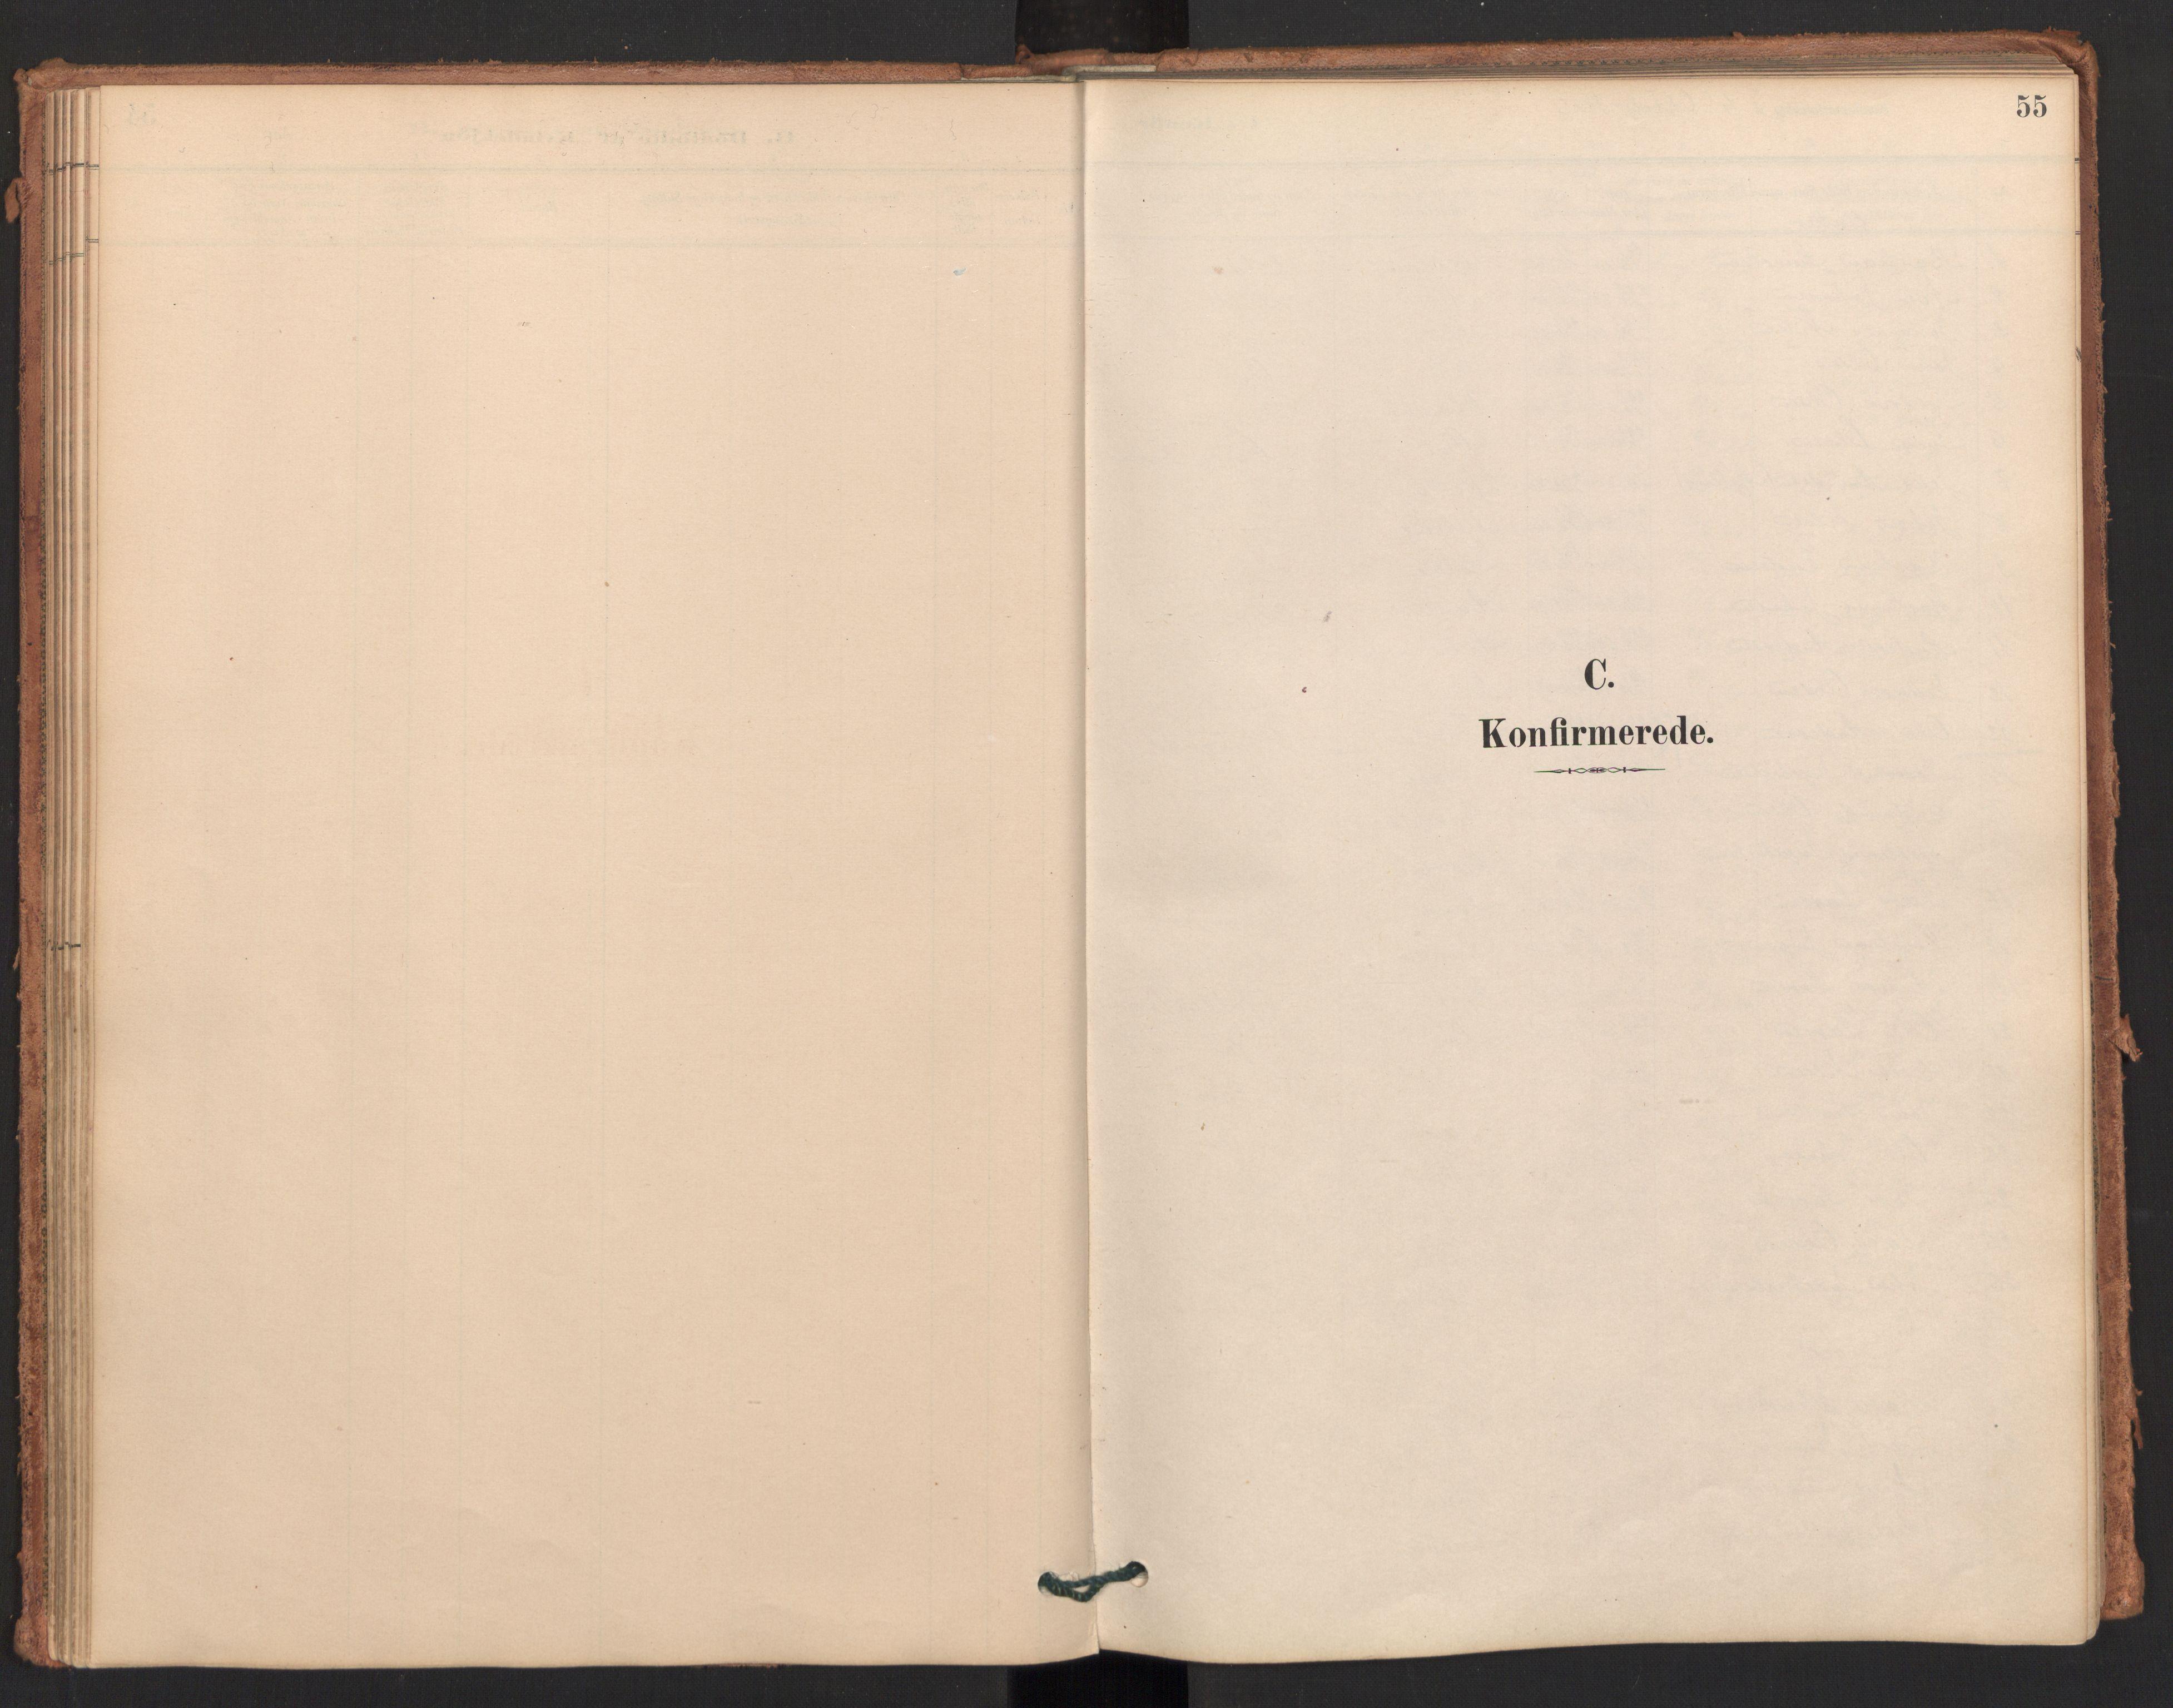 SAT, Ministerialprotokoller, klokkerbøker og fødselsregistre - Møre og Romsdal, 596/L1056: Ministerialbok nr. 596A01, 1885-1900, s. 55